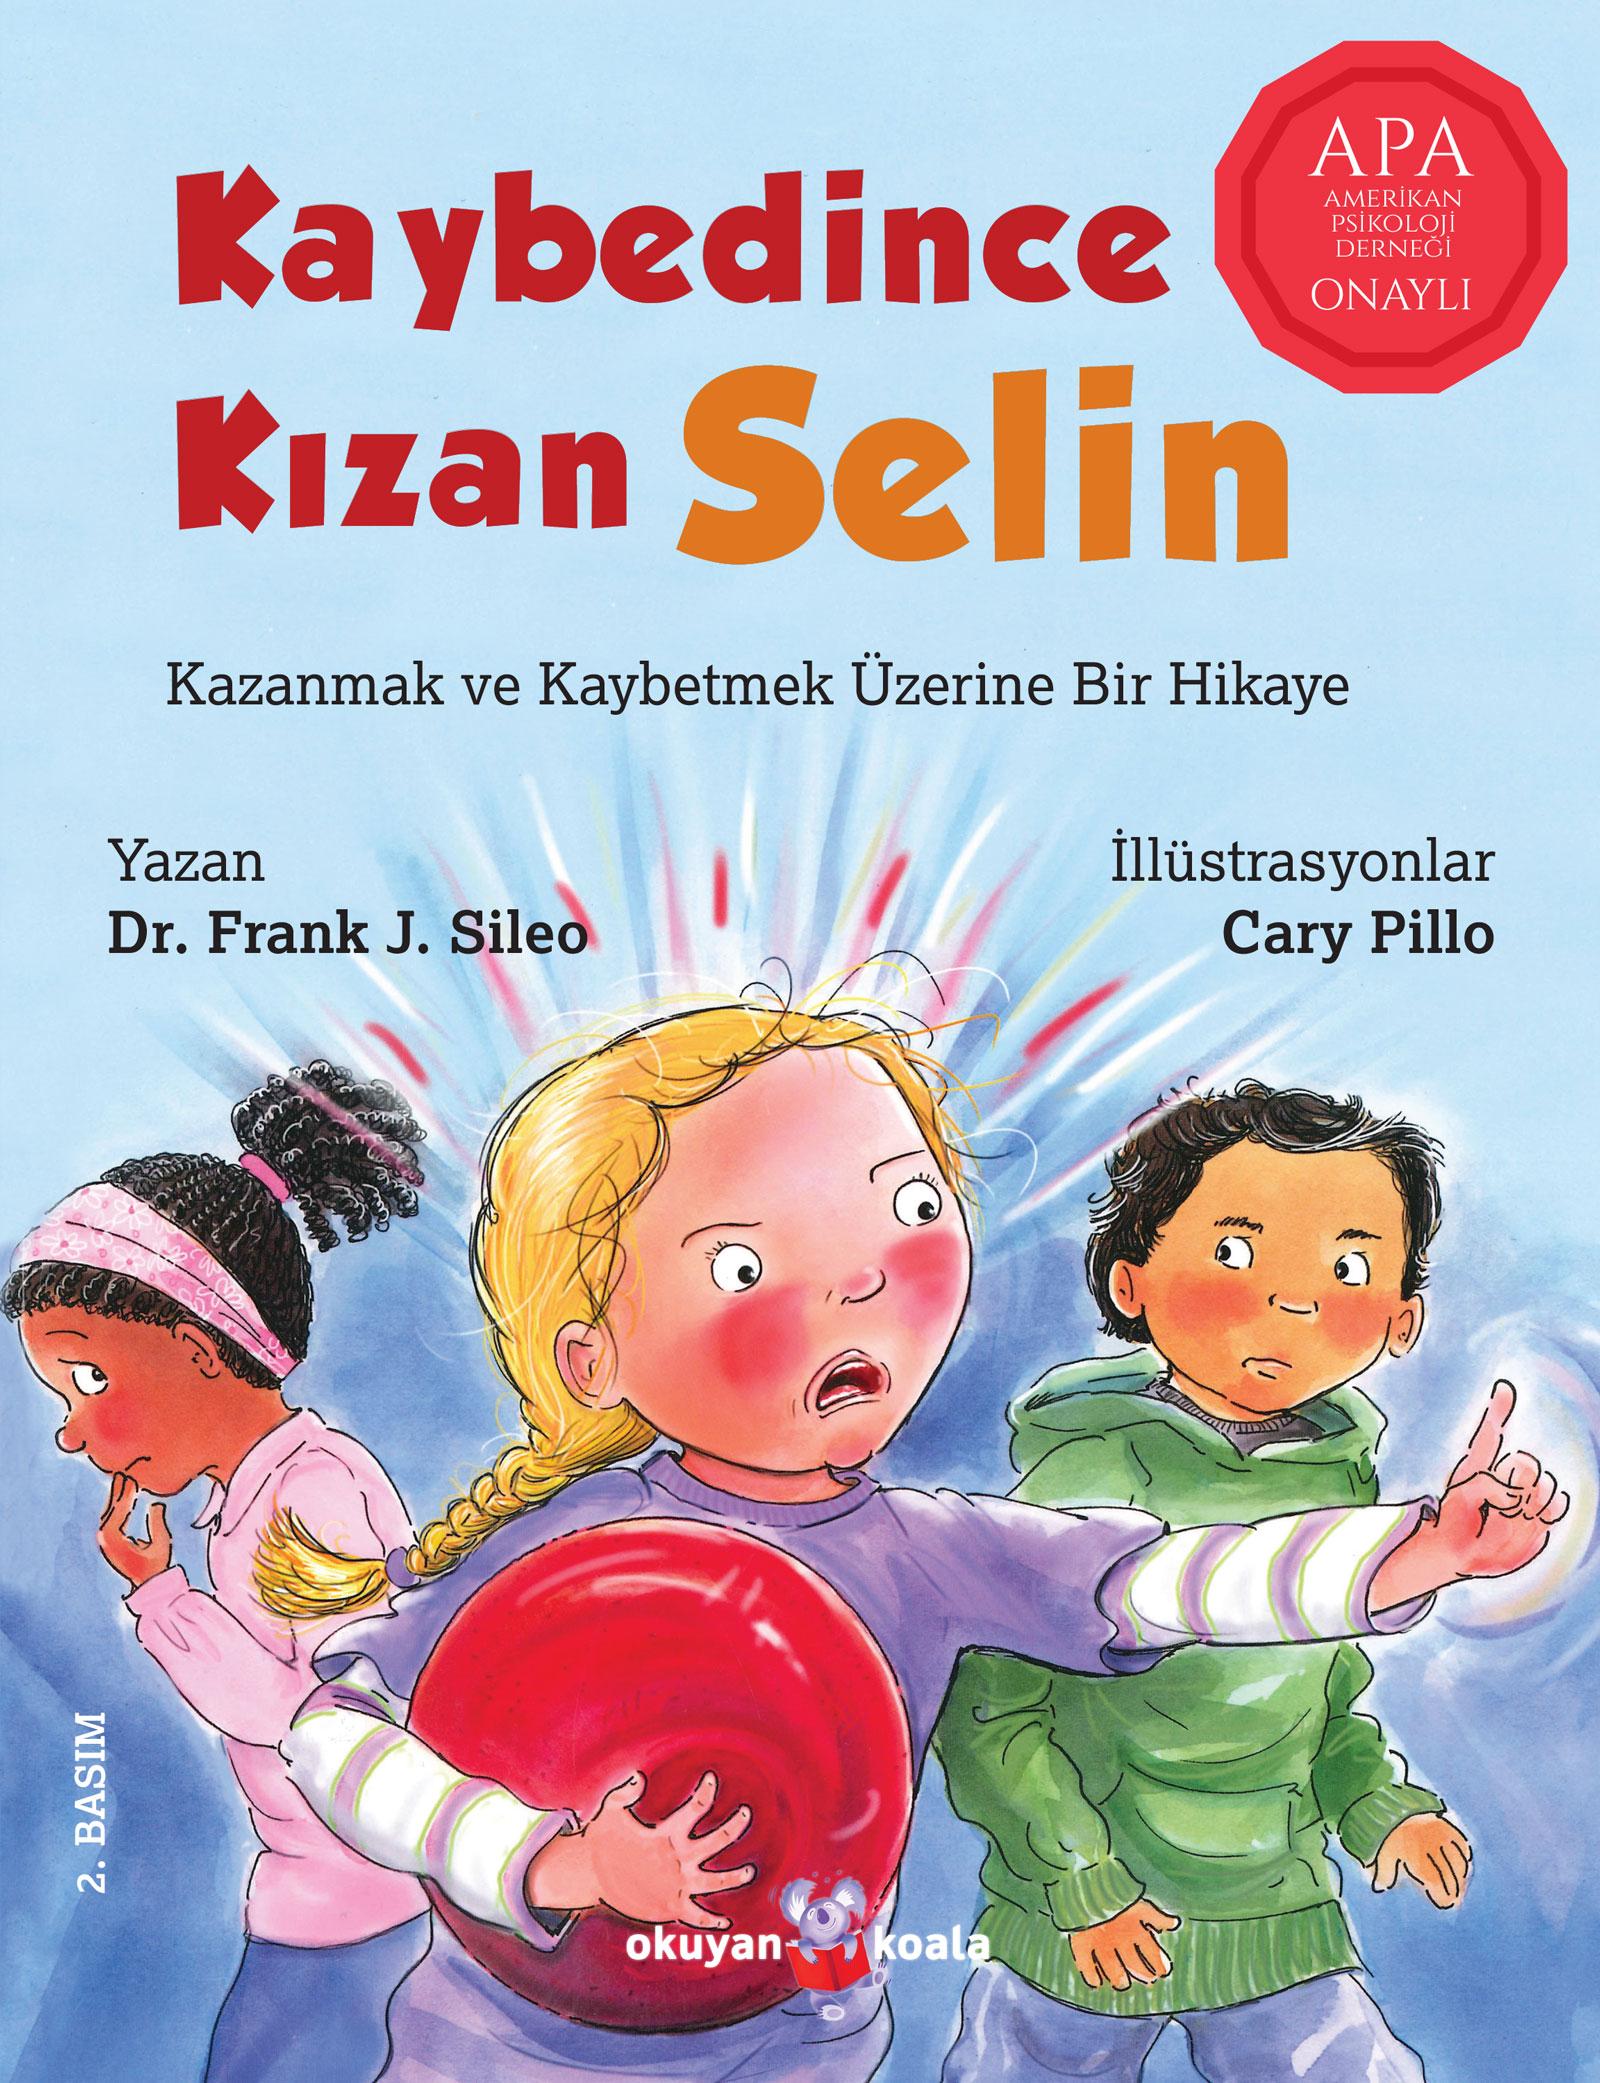 kaybedince-kizan-selin_kapak-basim2.jpg